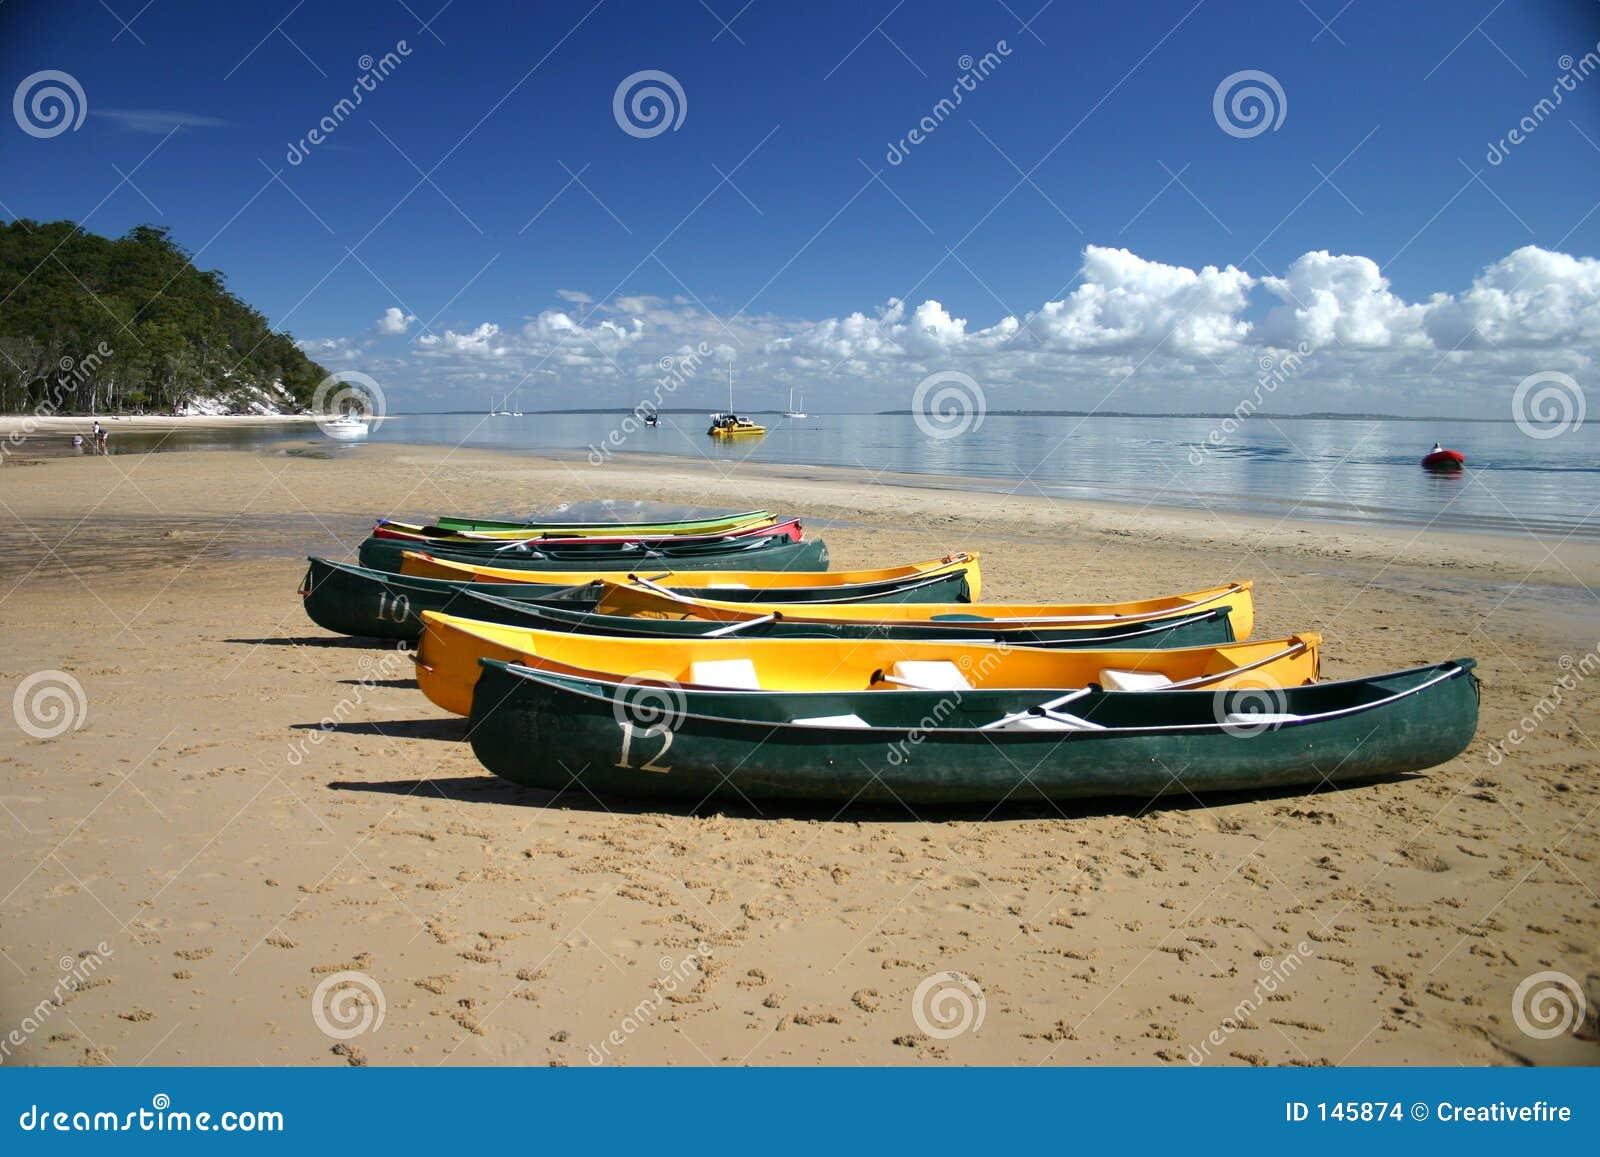 Canoës sur la plage